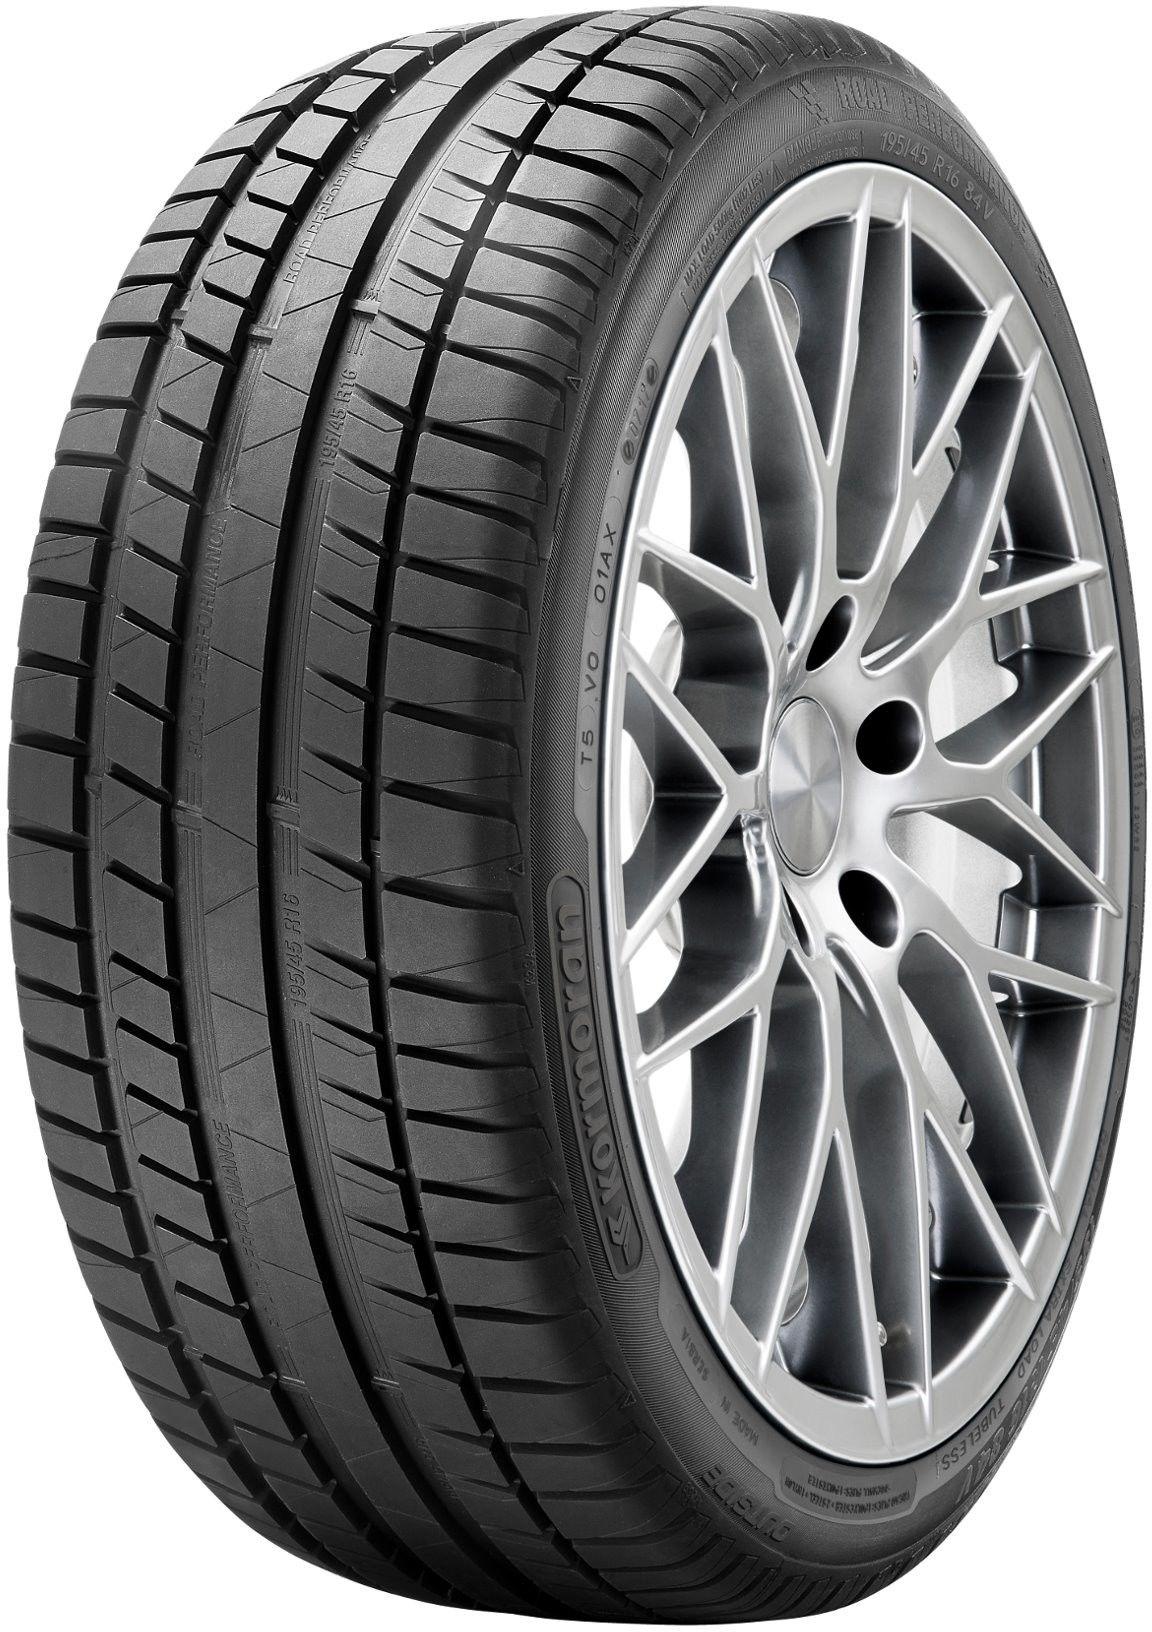 Kormoran Road Performance 195/55R15 85 V